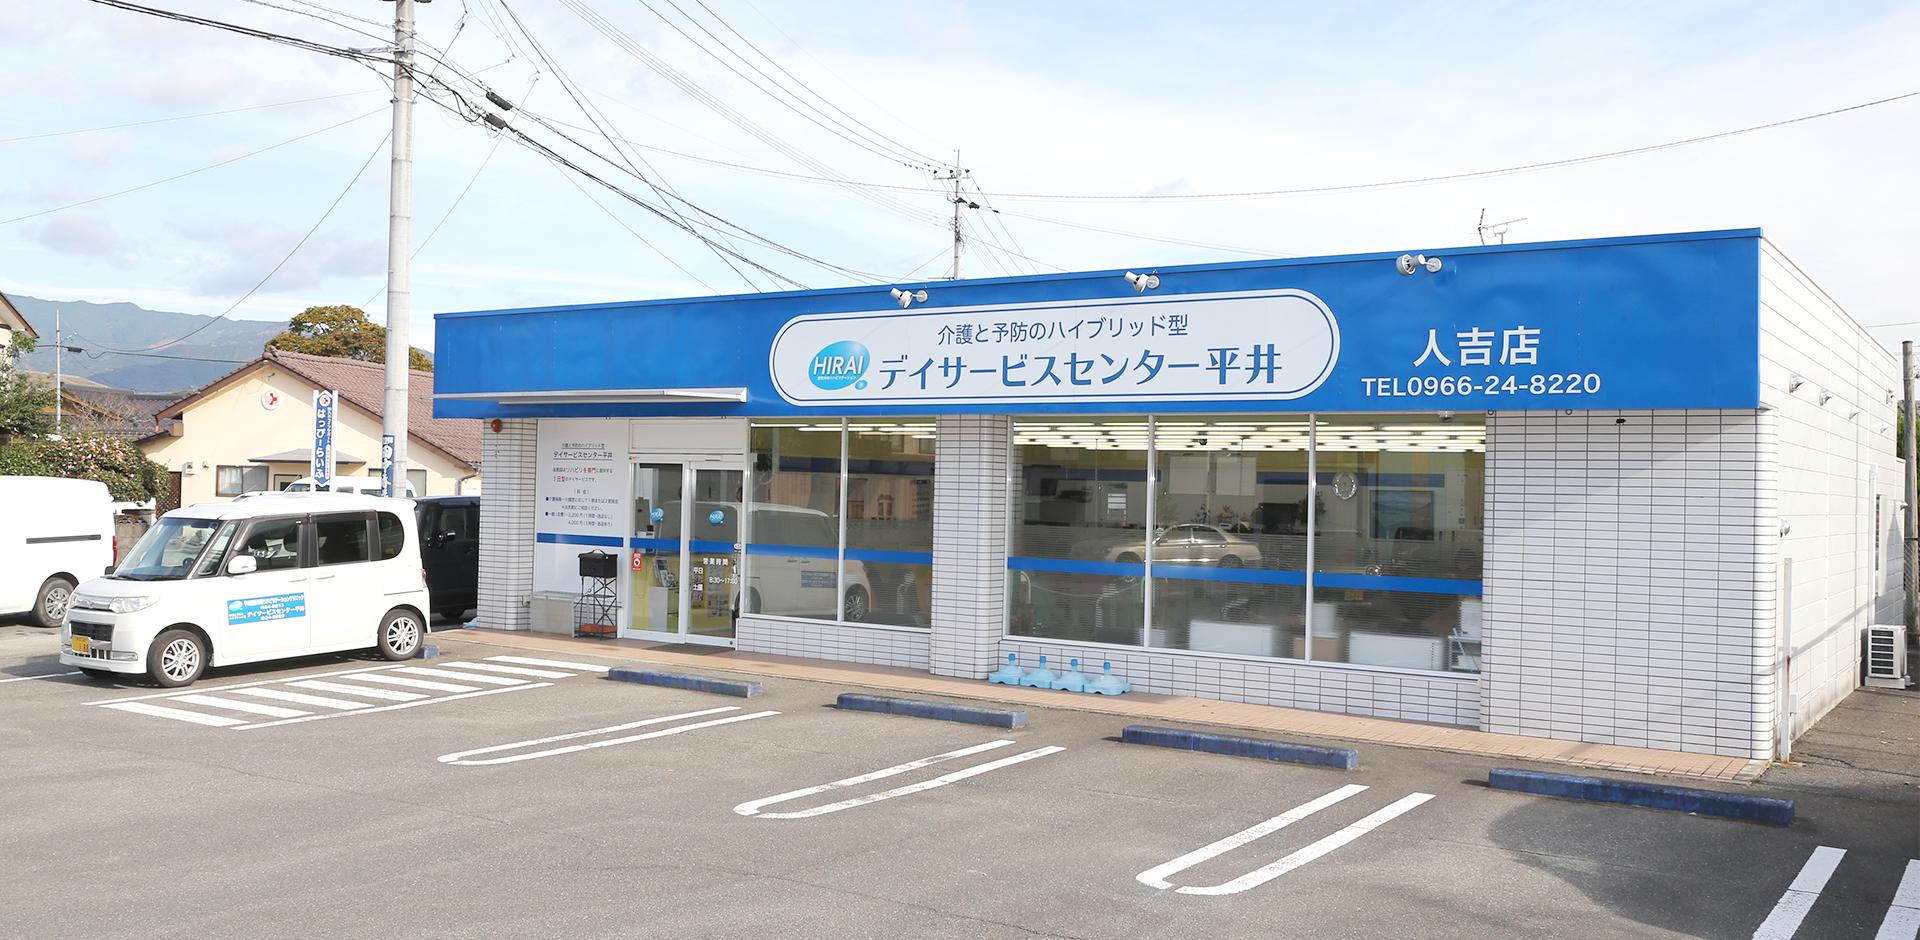 デイサービスセンター平井